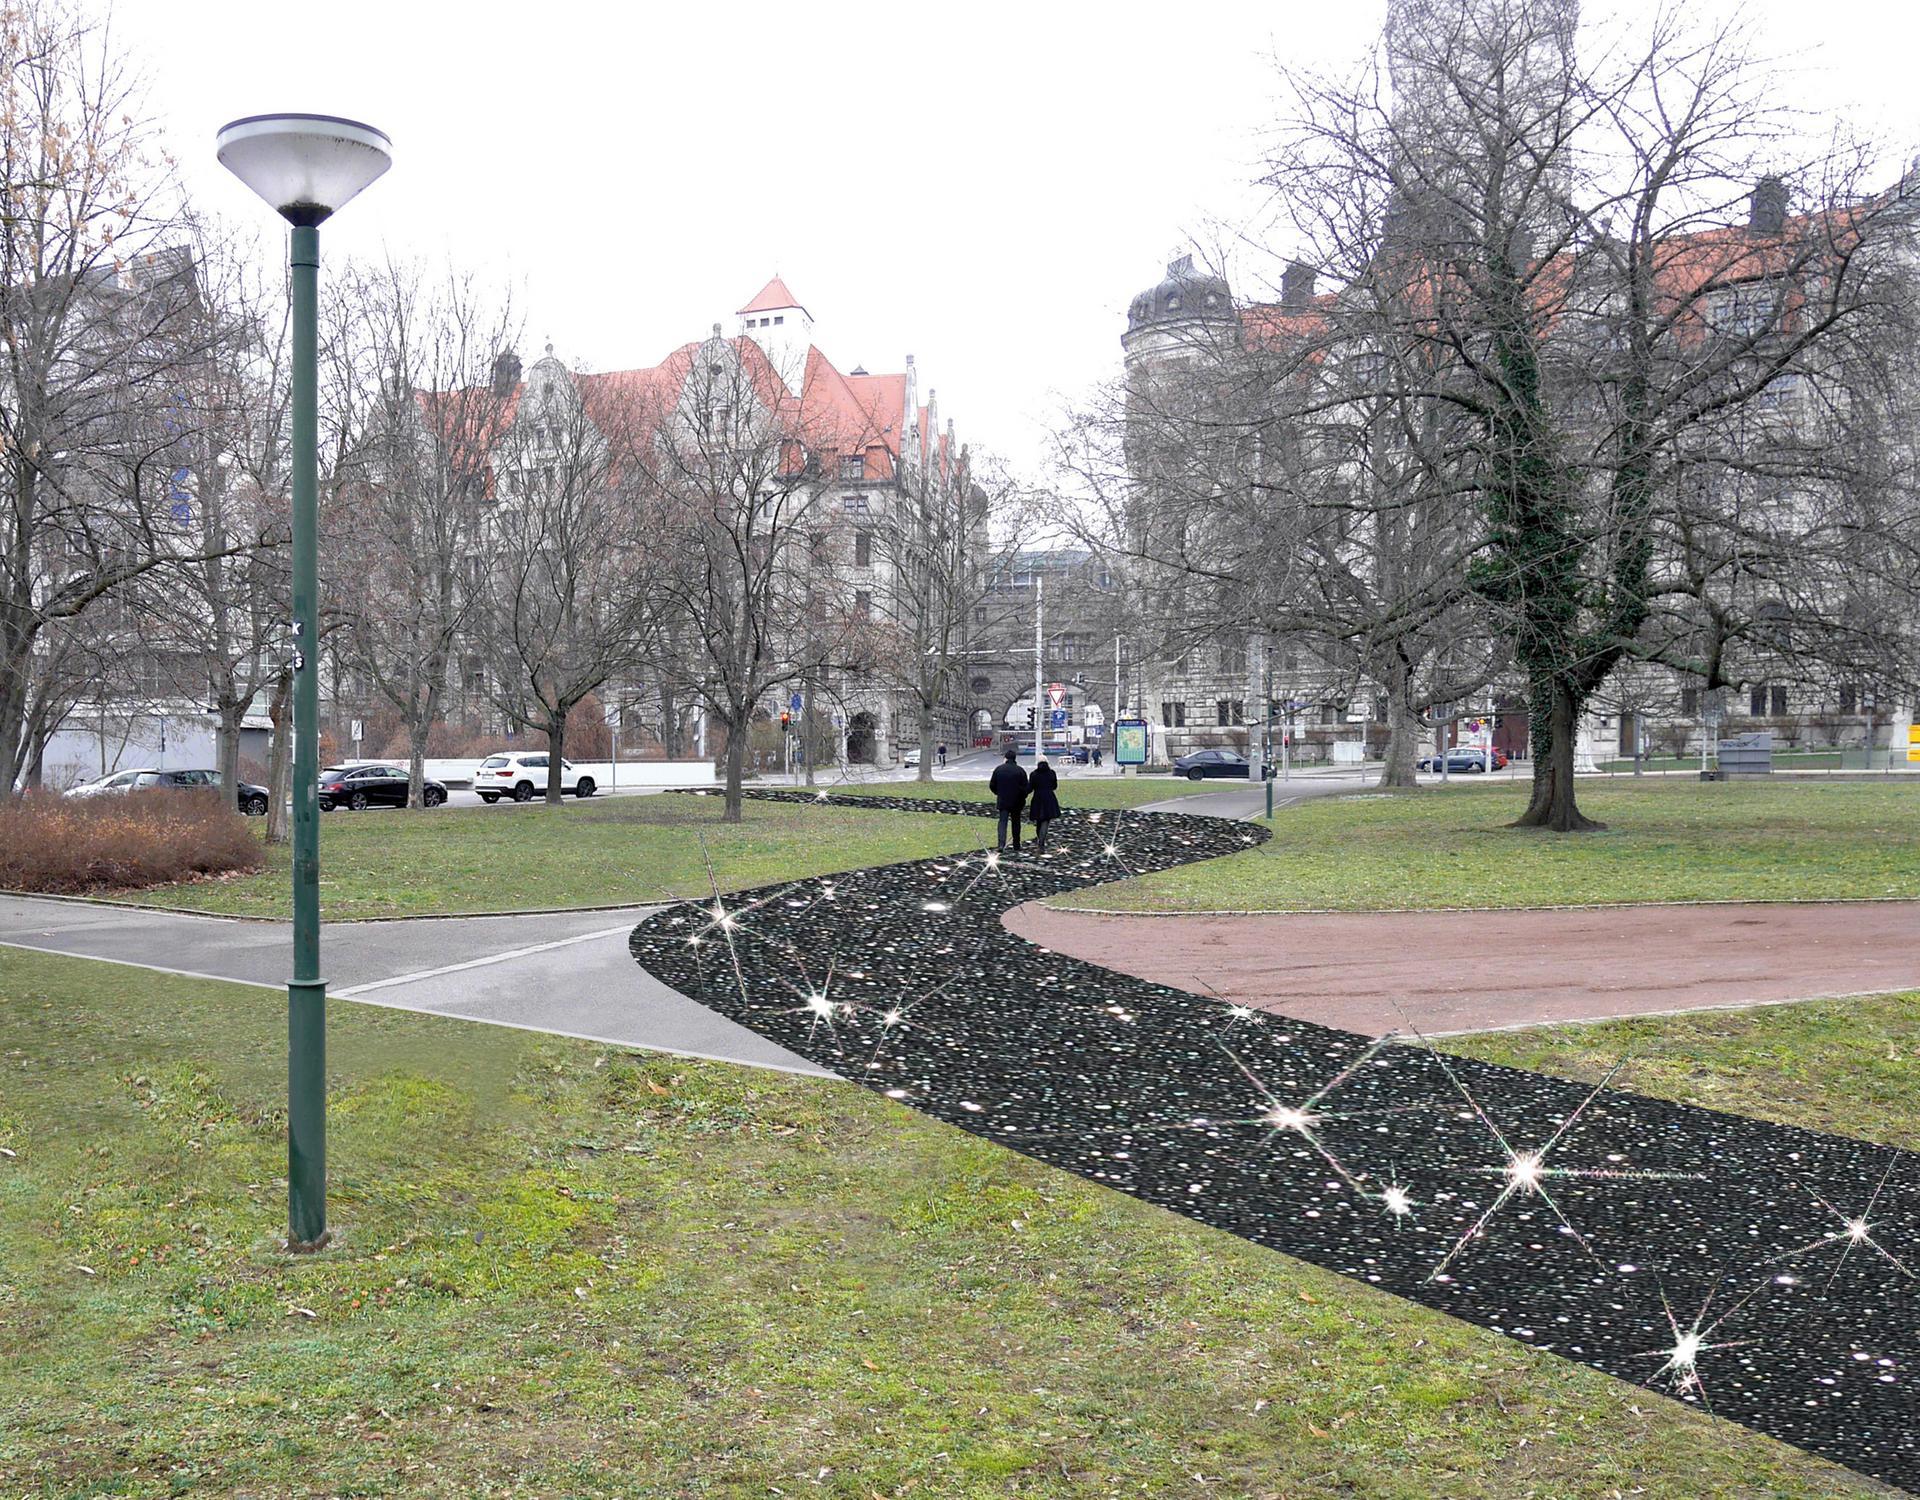 Auf dem Weg zum Neuen Rathaus ist ein Weg aus dunklem Material mit leuchtendem Elementen dargestellt.